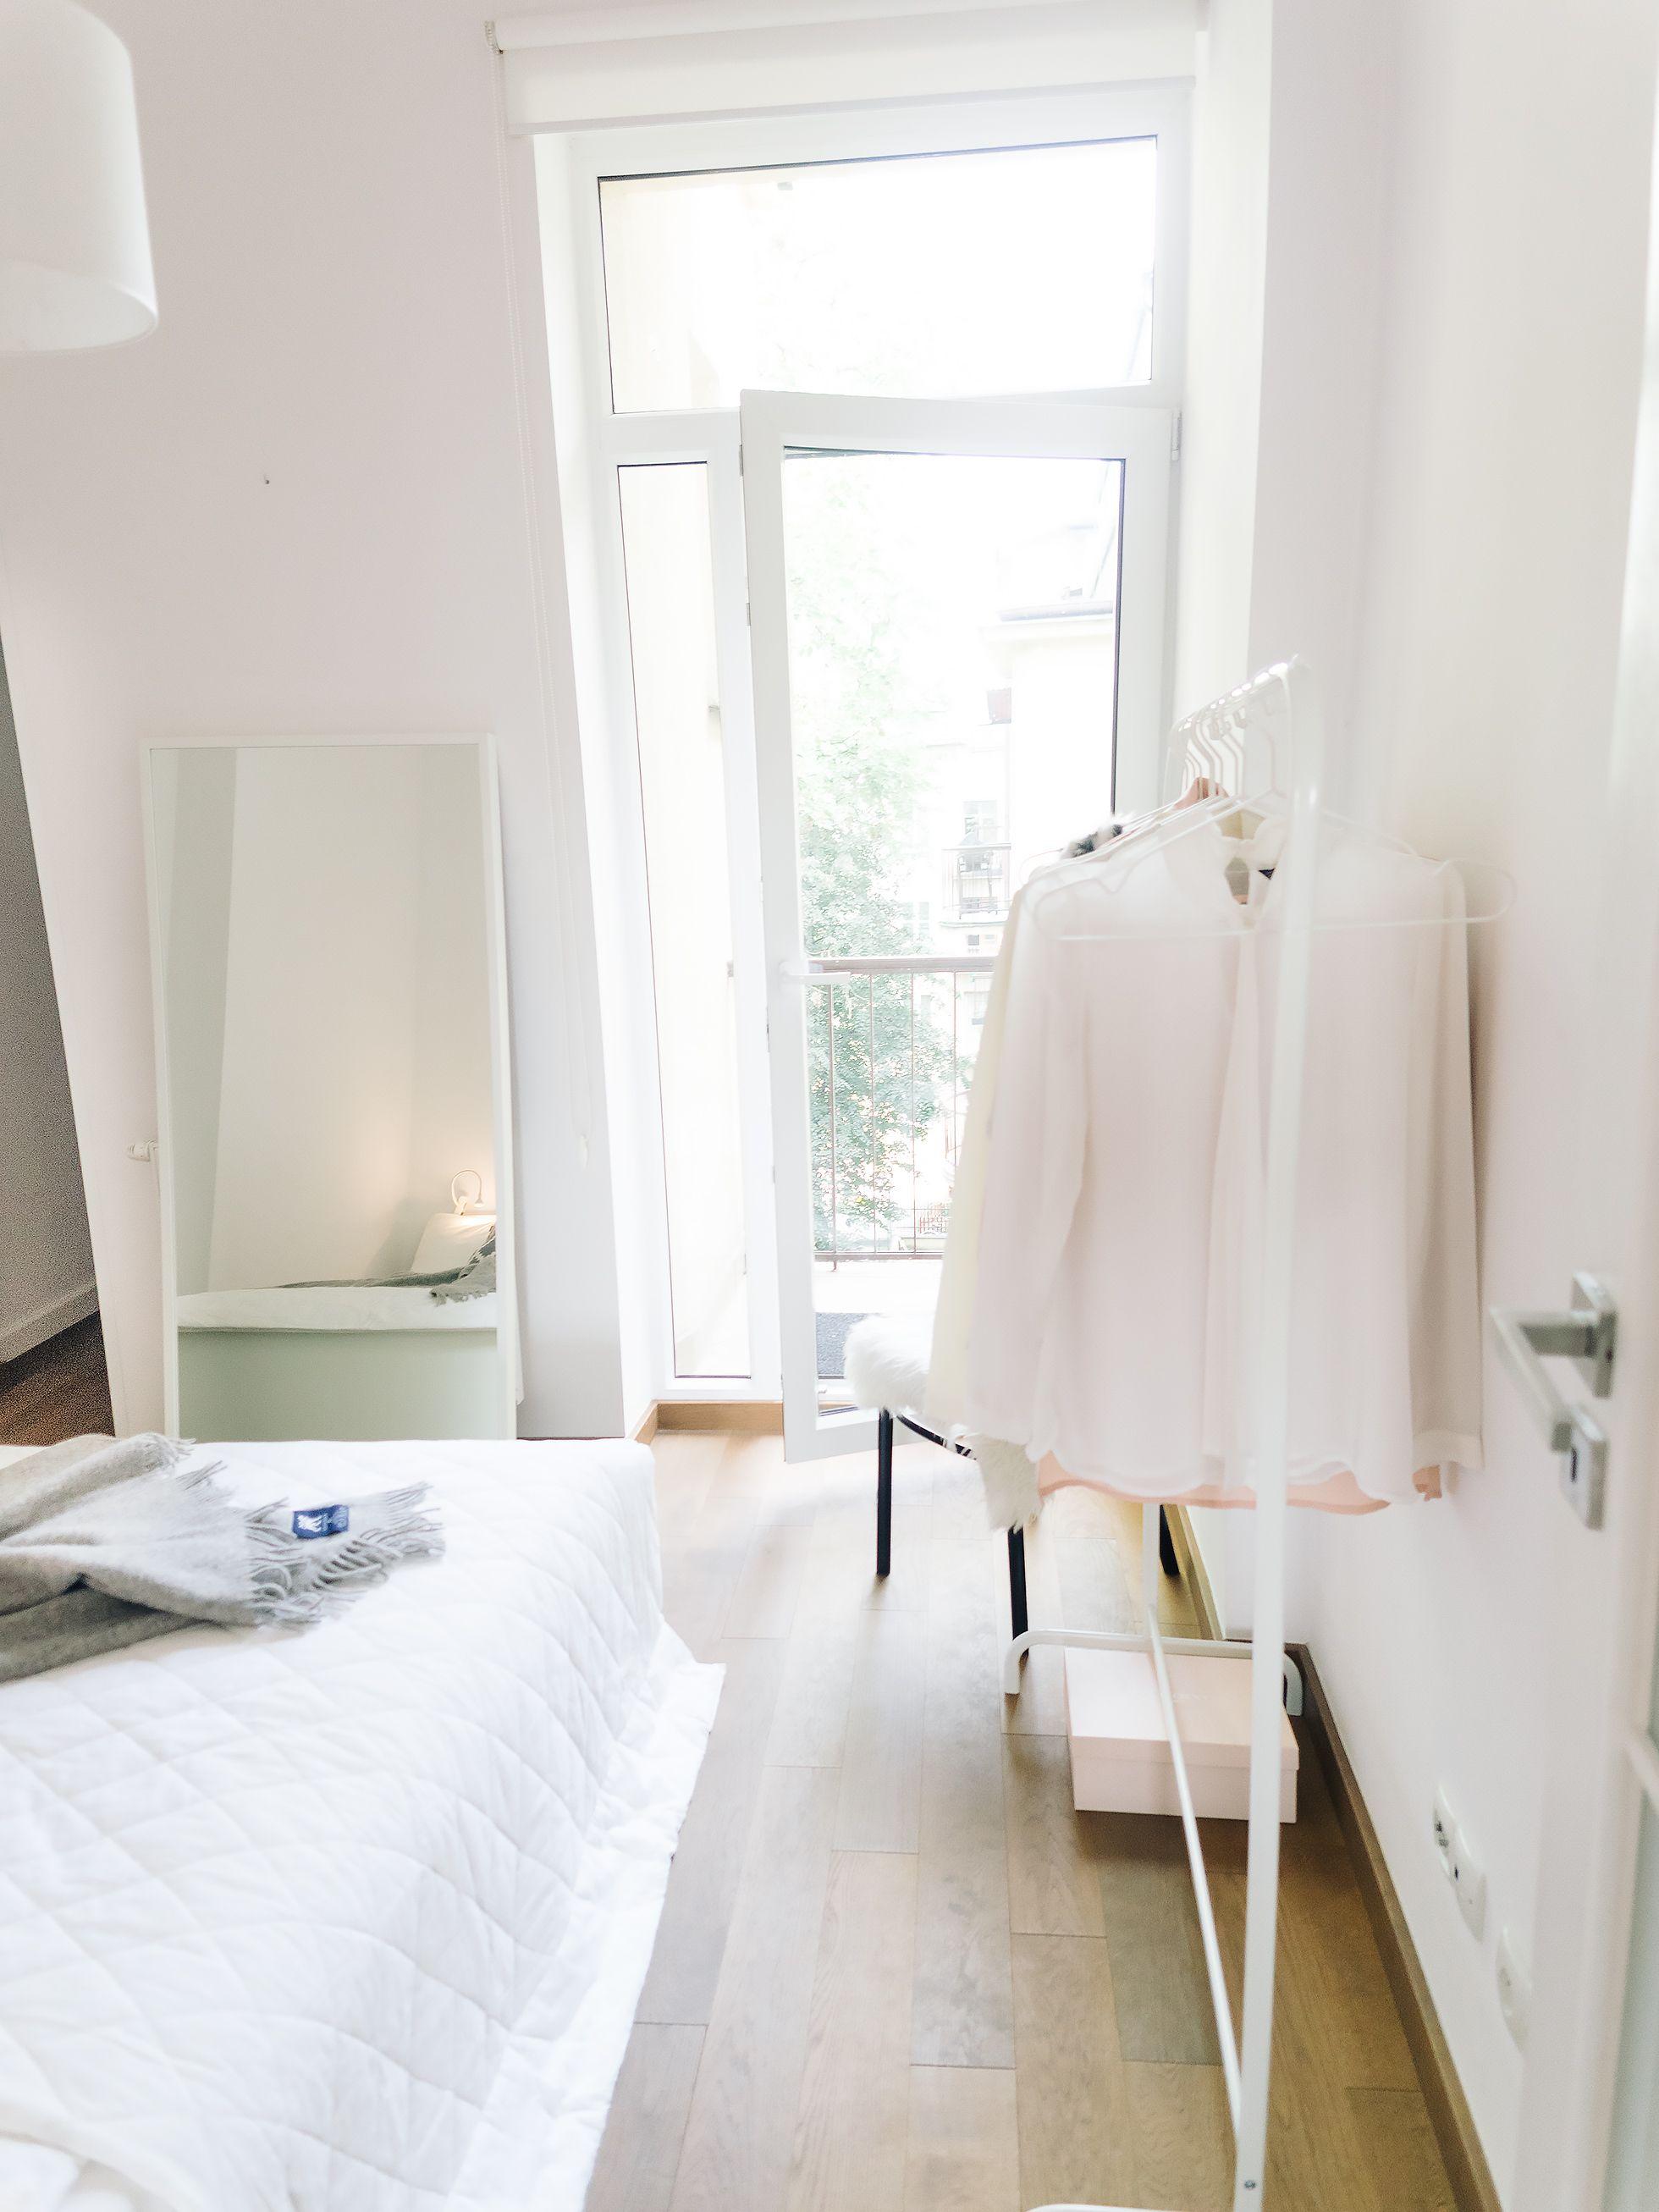 Vierashuone, muodonmuutos tekstiilein  http://www.monasdailystyle.com/2016/09/16/vierashuoneen-muodonmuutos/